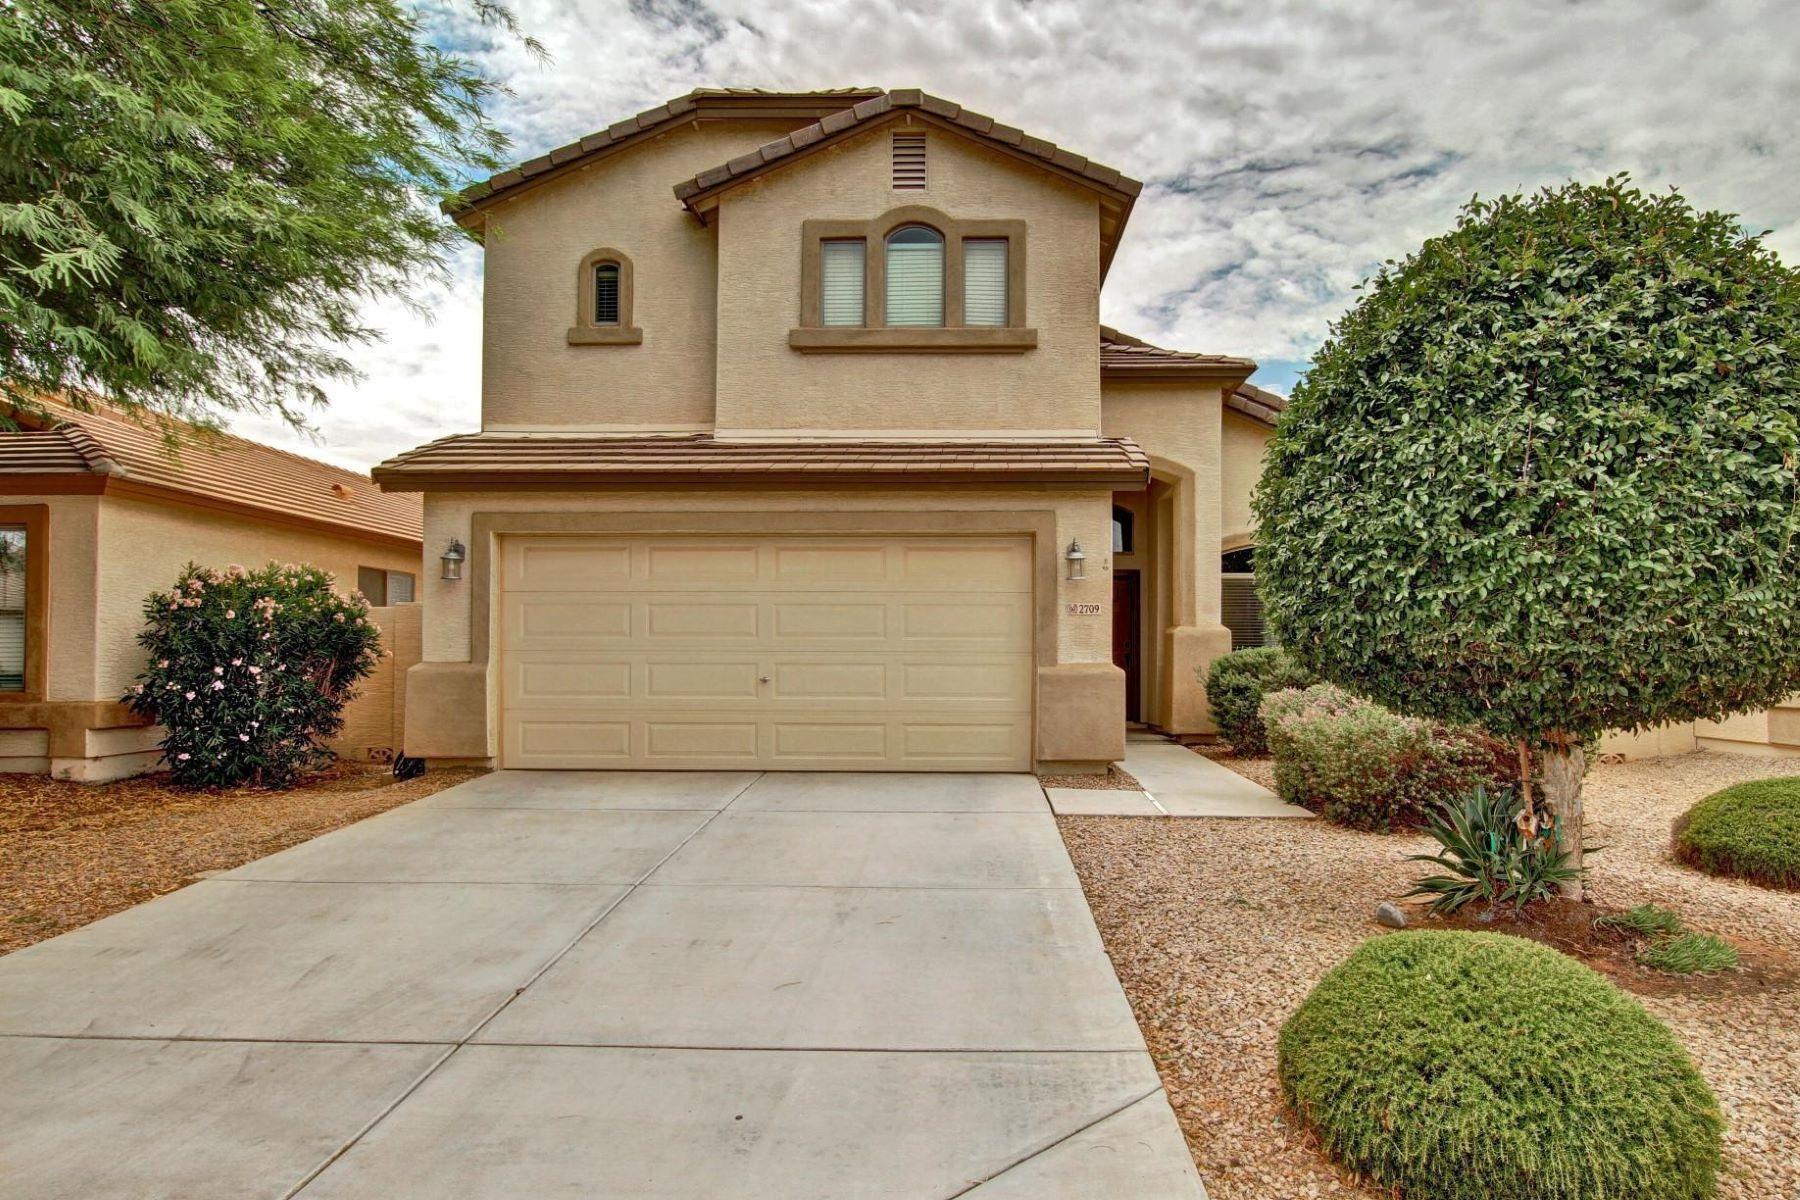 واحد منزل الأسرة للـ Sale في Outstanding Rancho Bella Vista Home 2709 E Silversmith Trl San Tan Valley, Arizona, 85143 United States